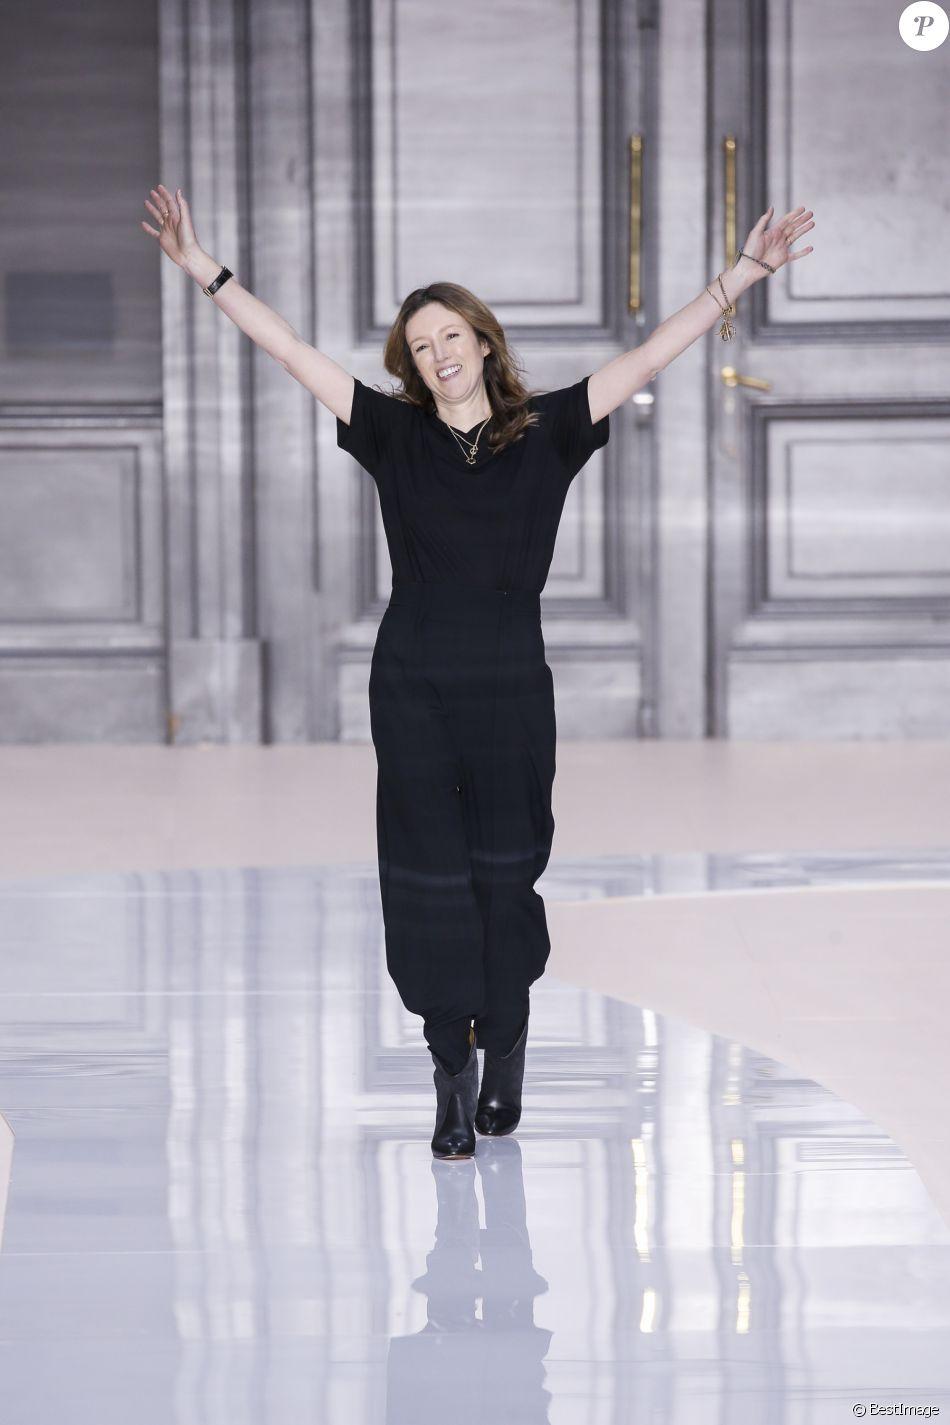 """La styliste Clare Waight Keller au défilé de mode """"Chloé"""", collection prêt-à-porter Automne-Hiver 2017-2018 à Paris, le 2 mars 2017."""